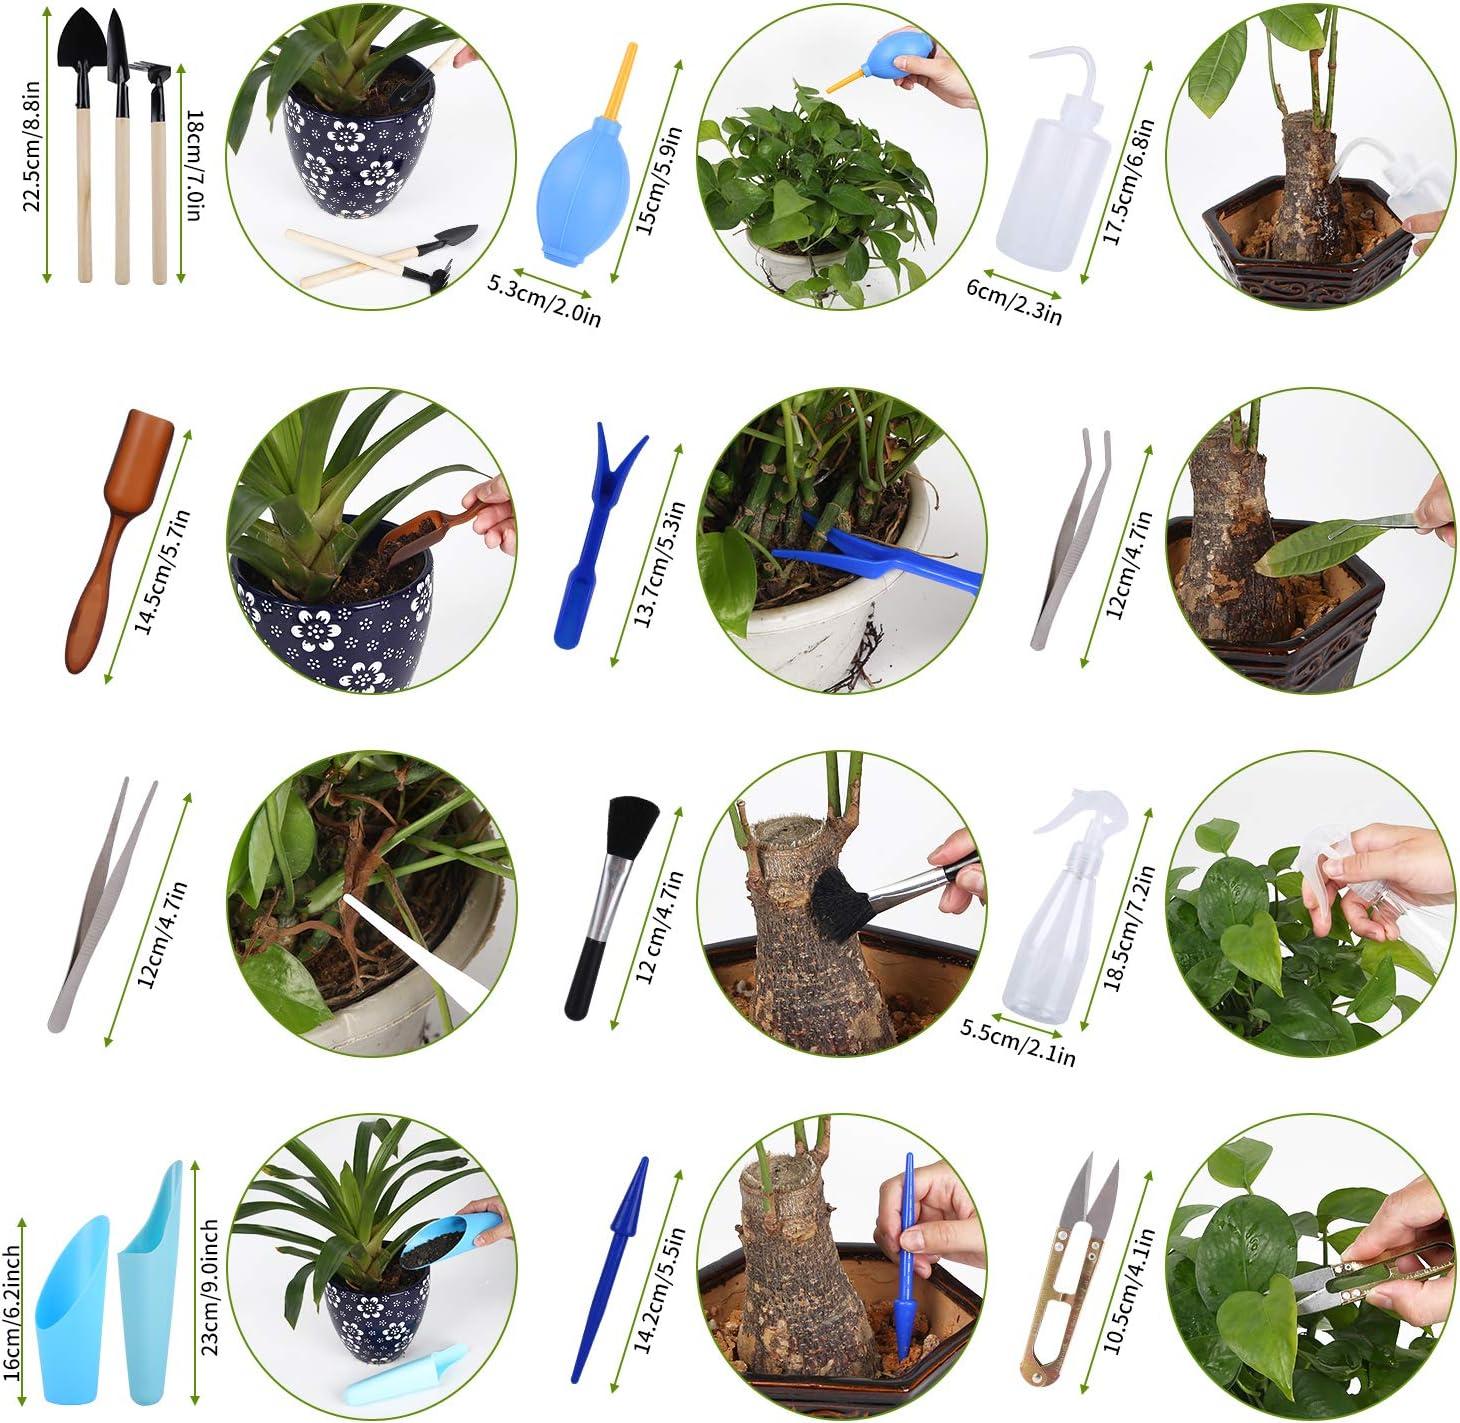 FORMIZON 15 Piezas Conjunto de Herramientas para Bonsai Mini Herramientas para Bonsai Mini Herramientas de Jard/ín Herramientas Bud y Conjunto de Herramientas de Transplantaci/ón Plantas Carnosas